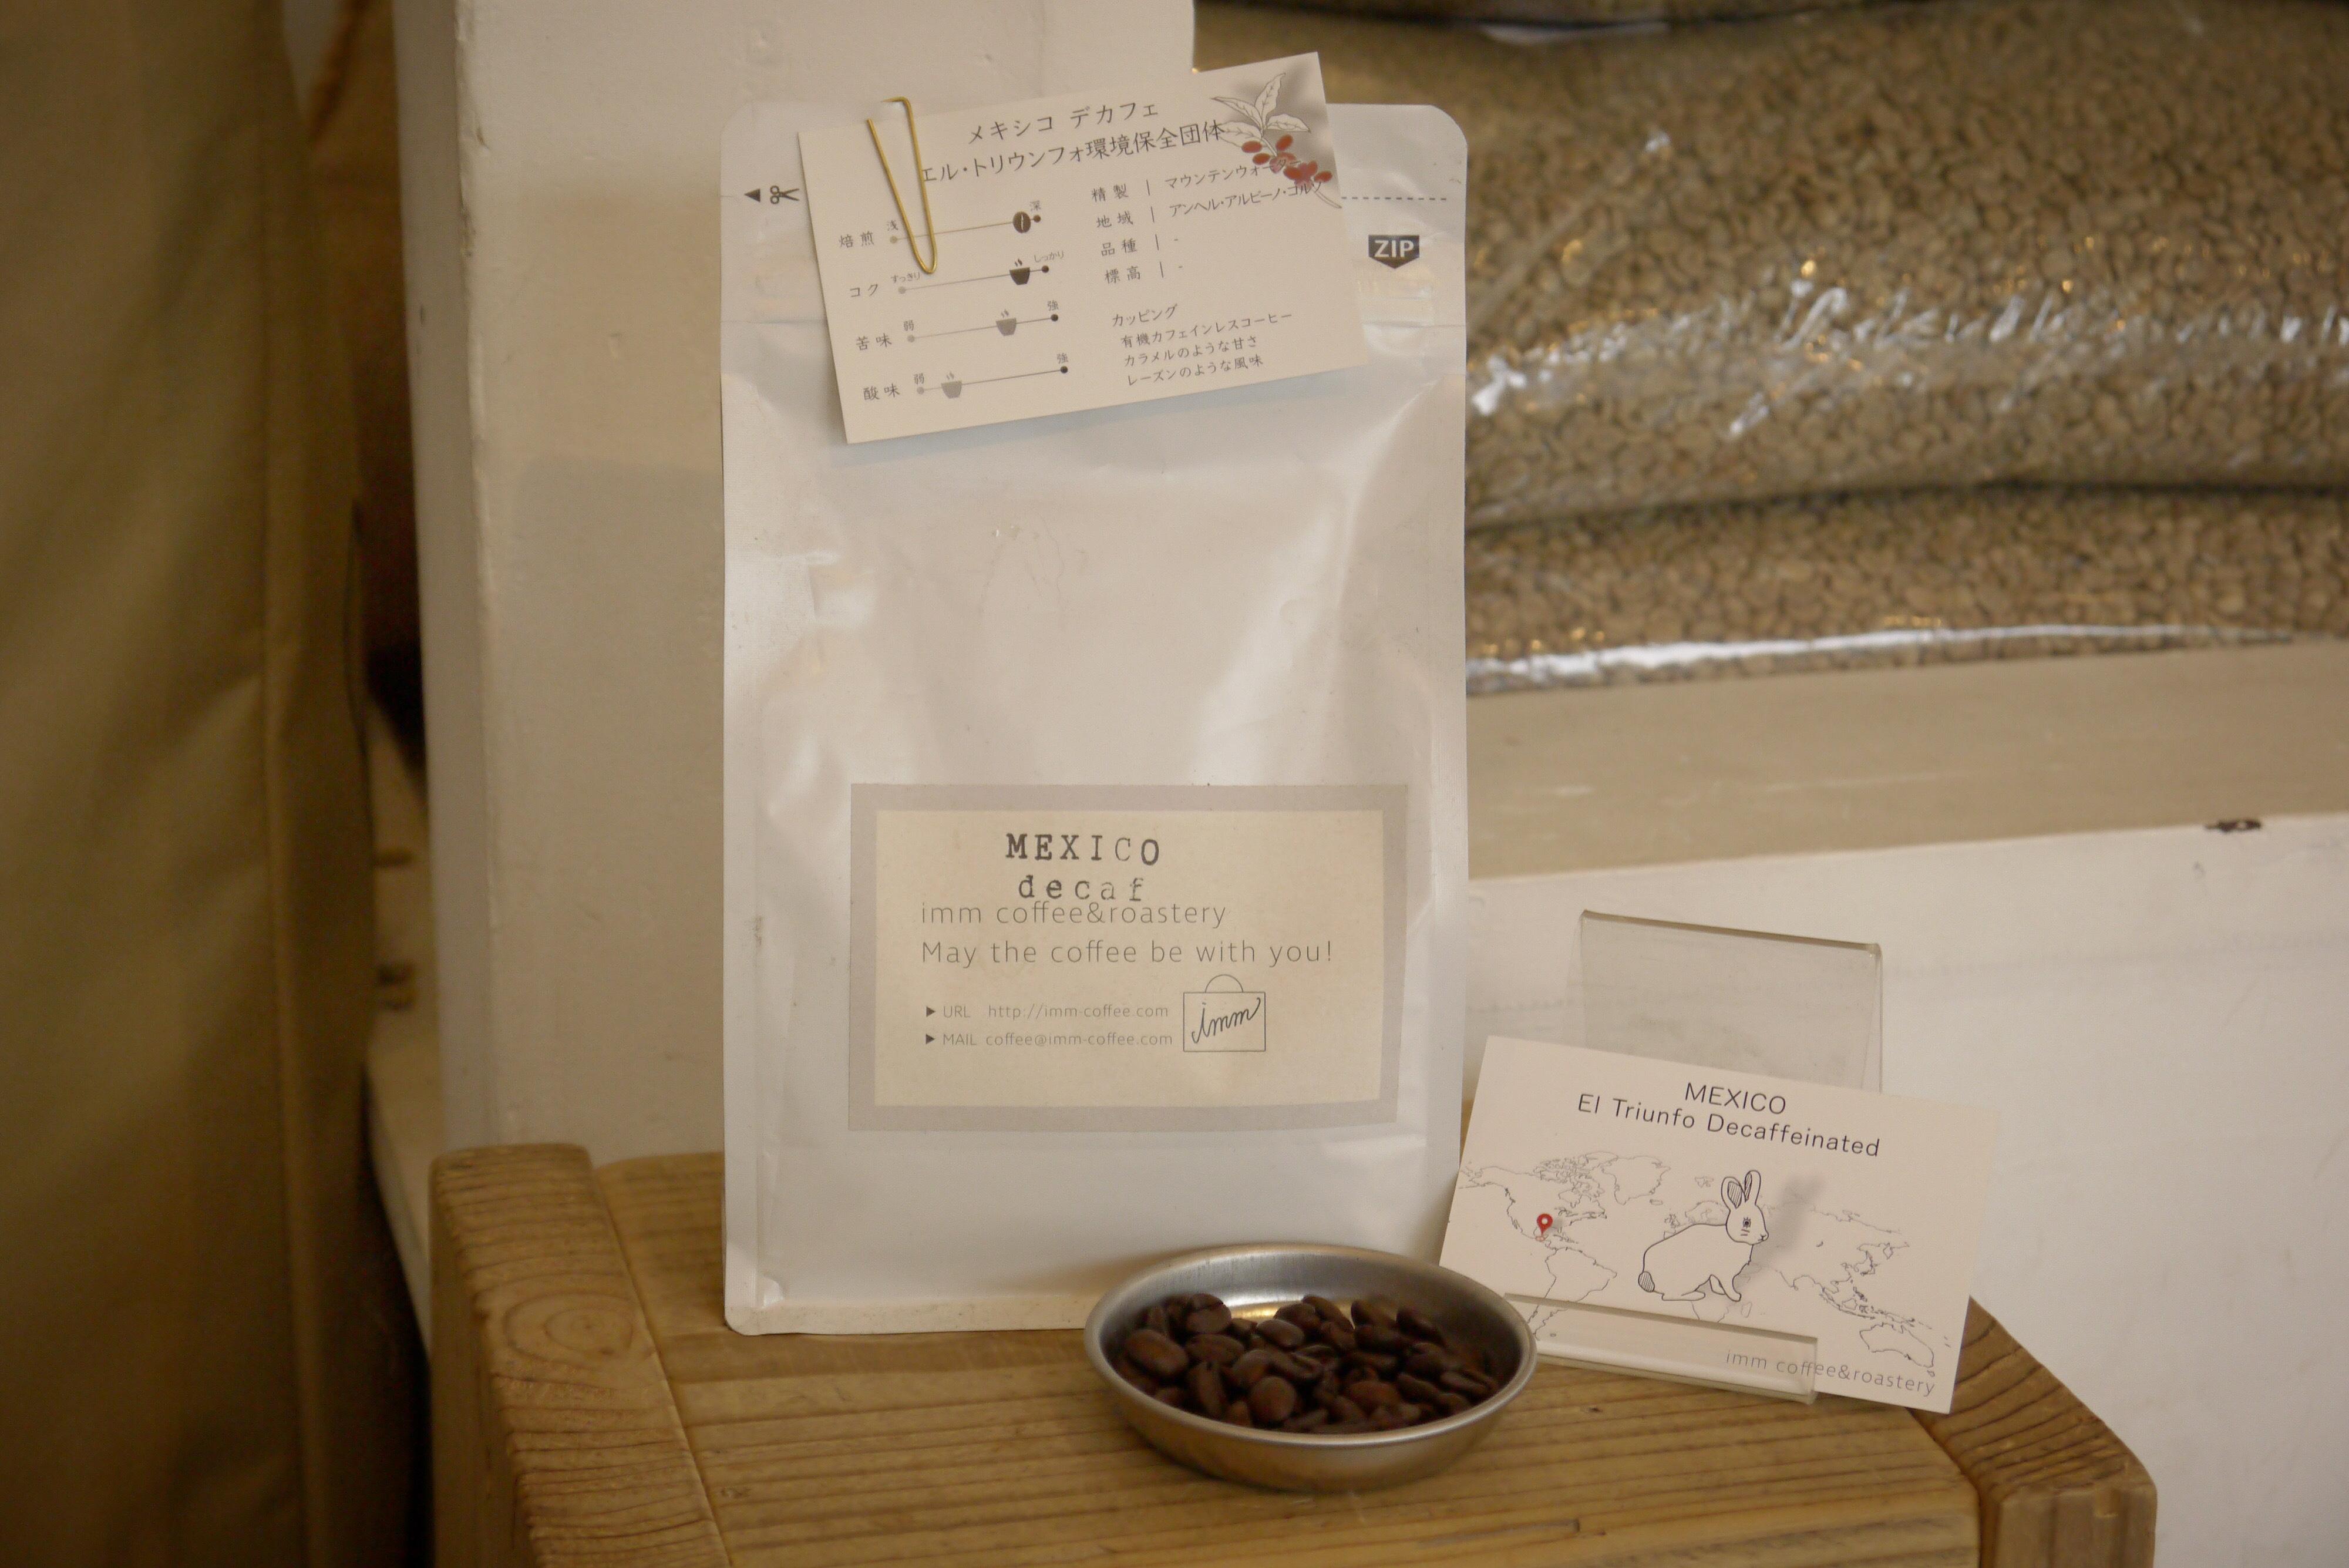 【送料無料】メキシコ カフェインレス コーヒー豆 200g×2 計400g